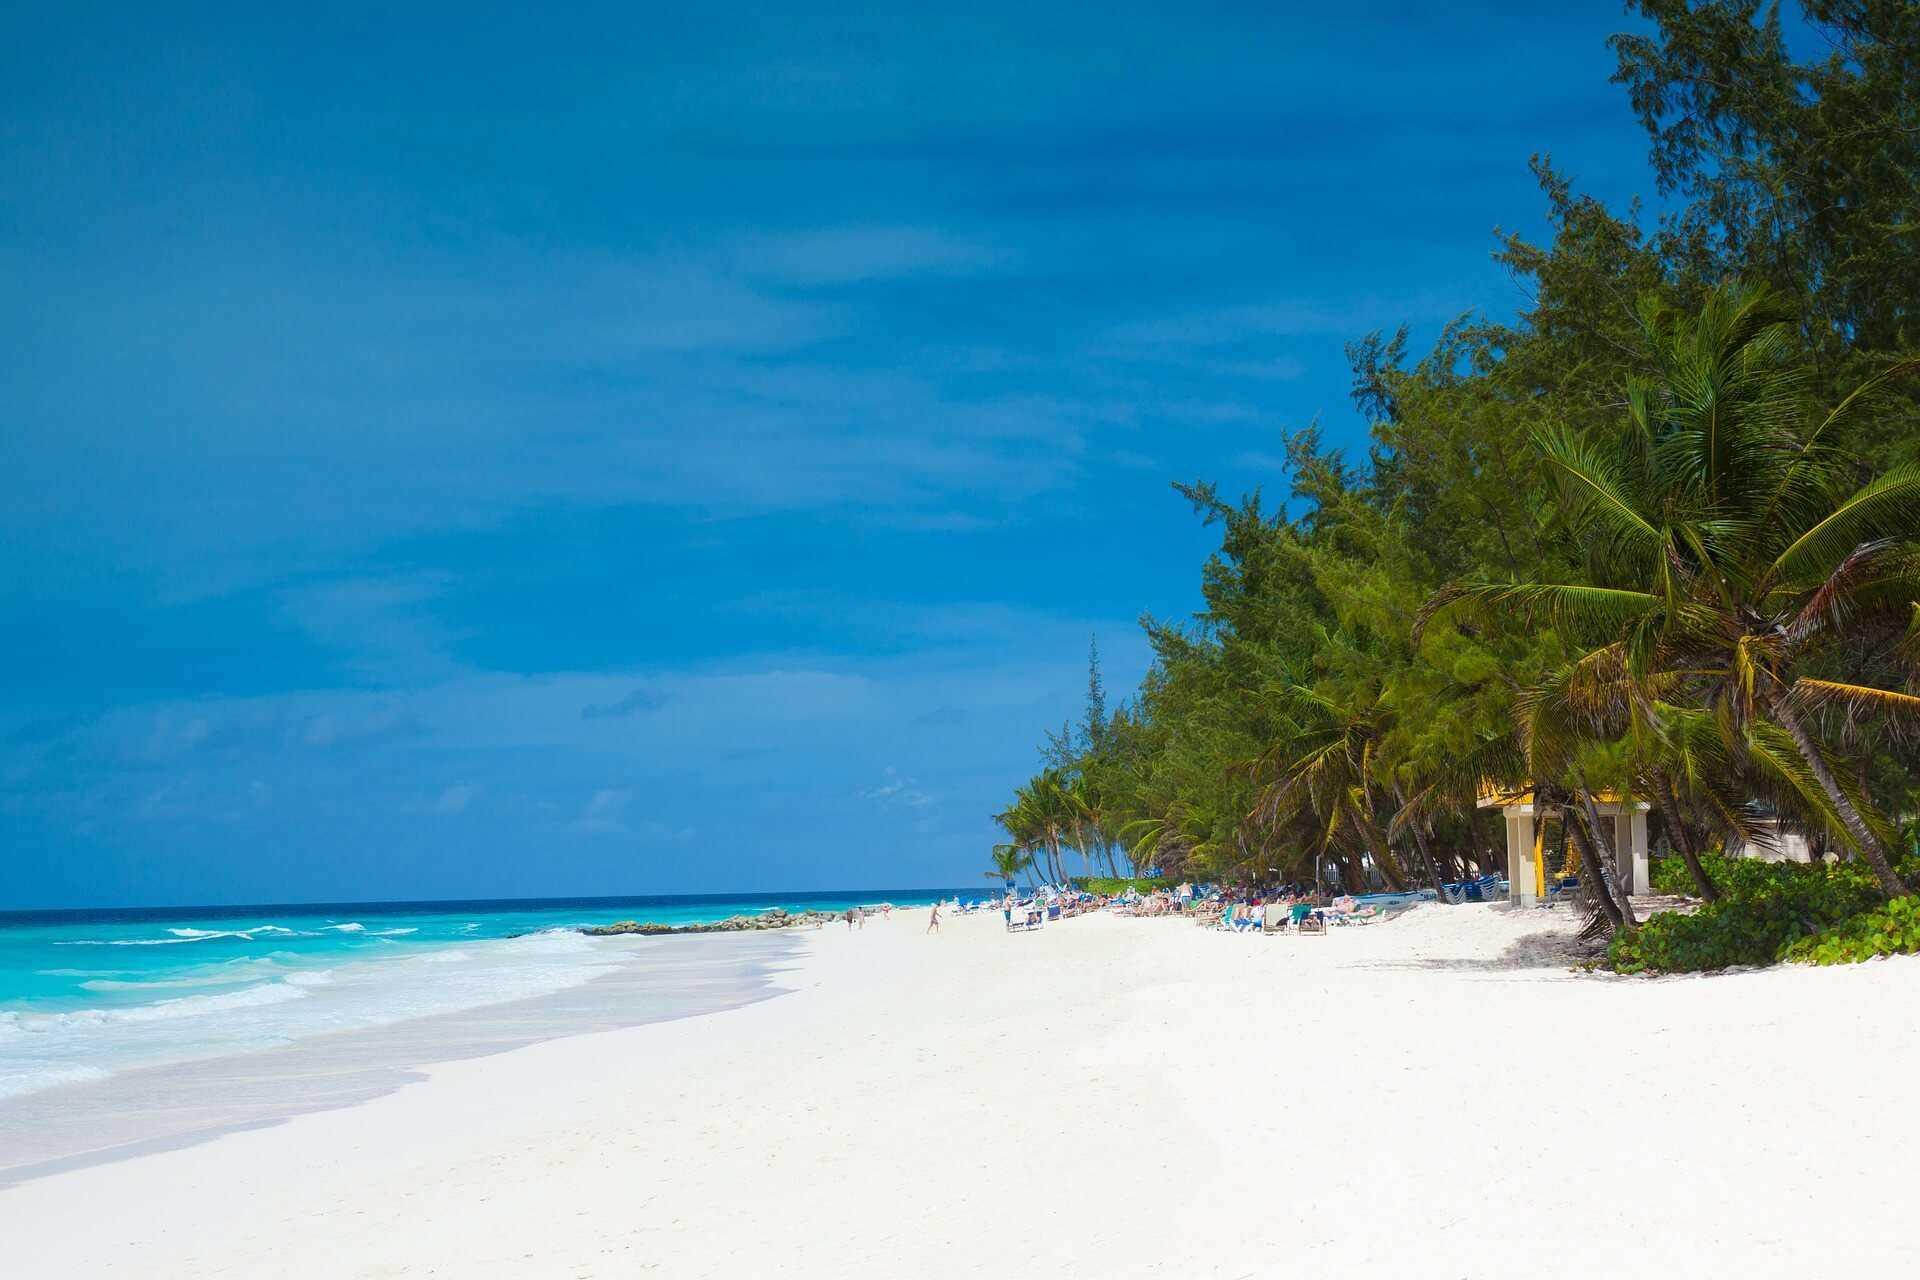 Direktflüge und Billigflüge nach Barbados (Bridgetown)